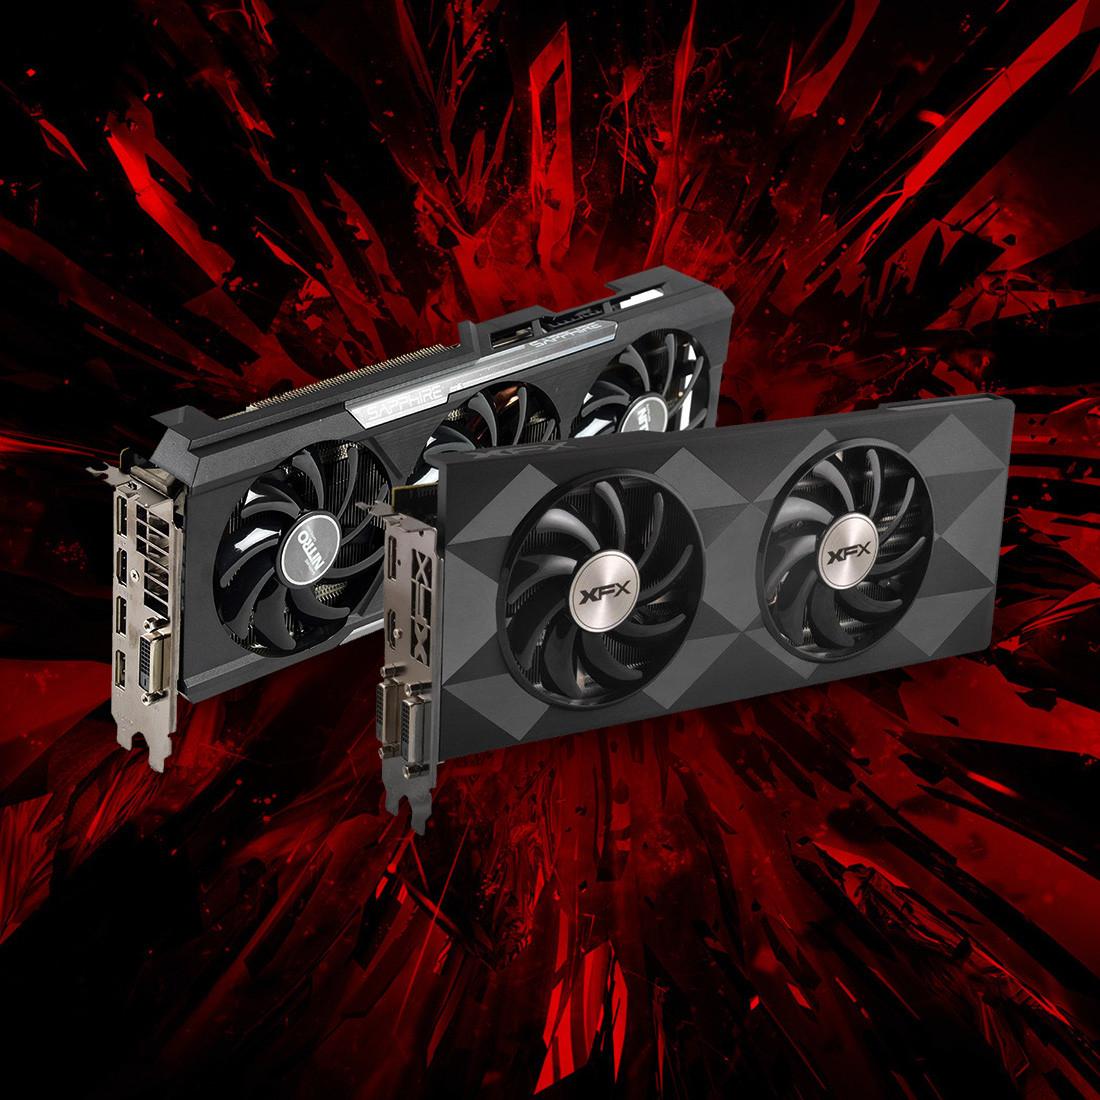 AMD Radeon R9 390X, 390 : Le Test Des Modèles XFX Et Sapphire